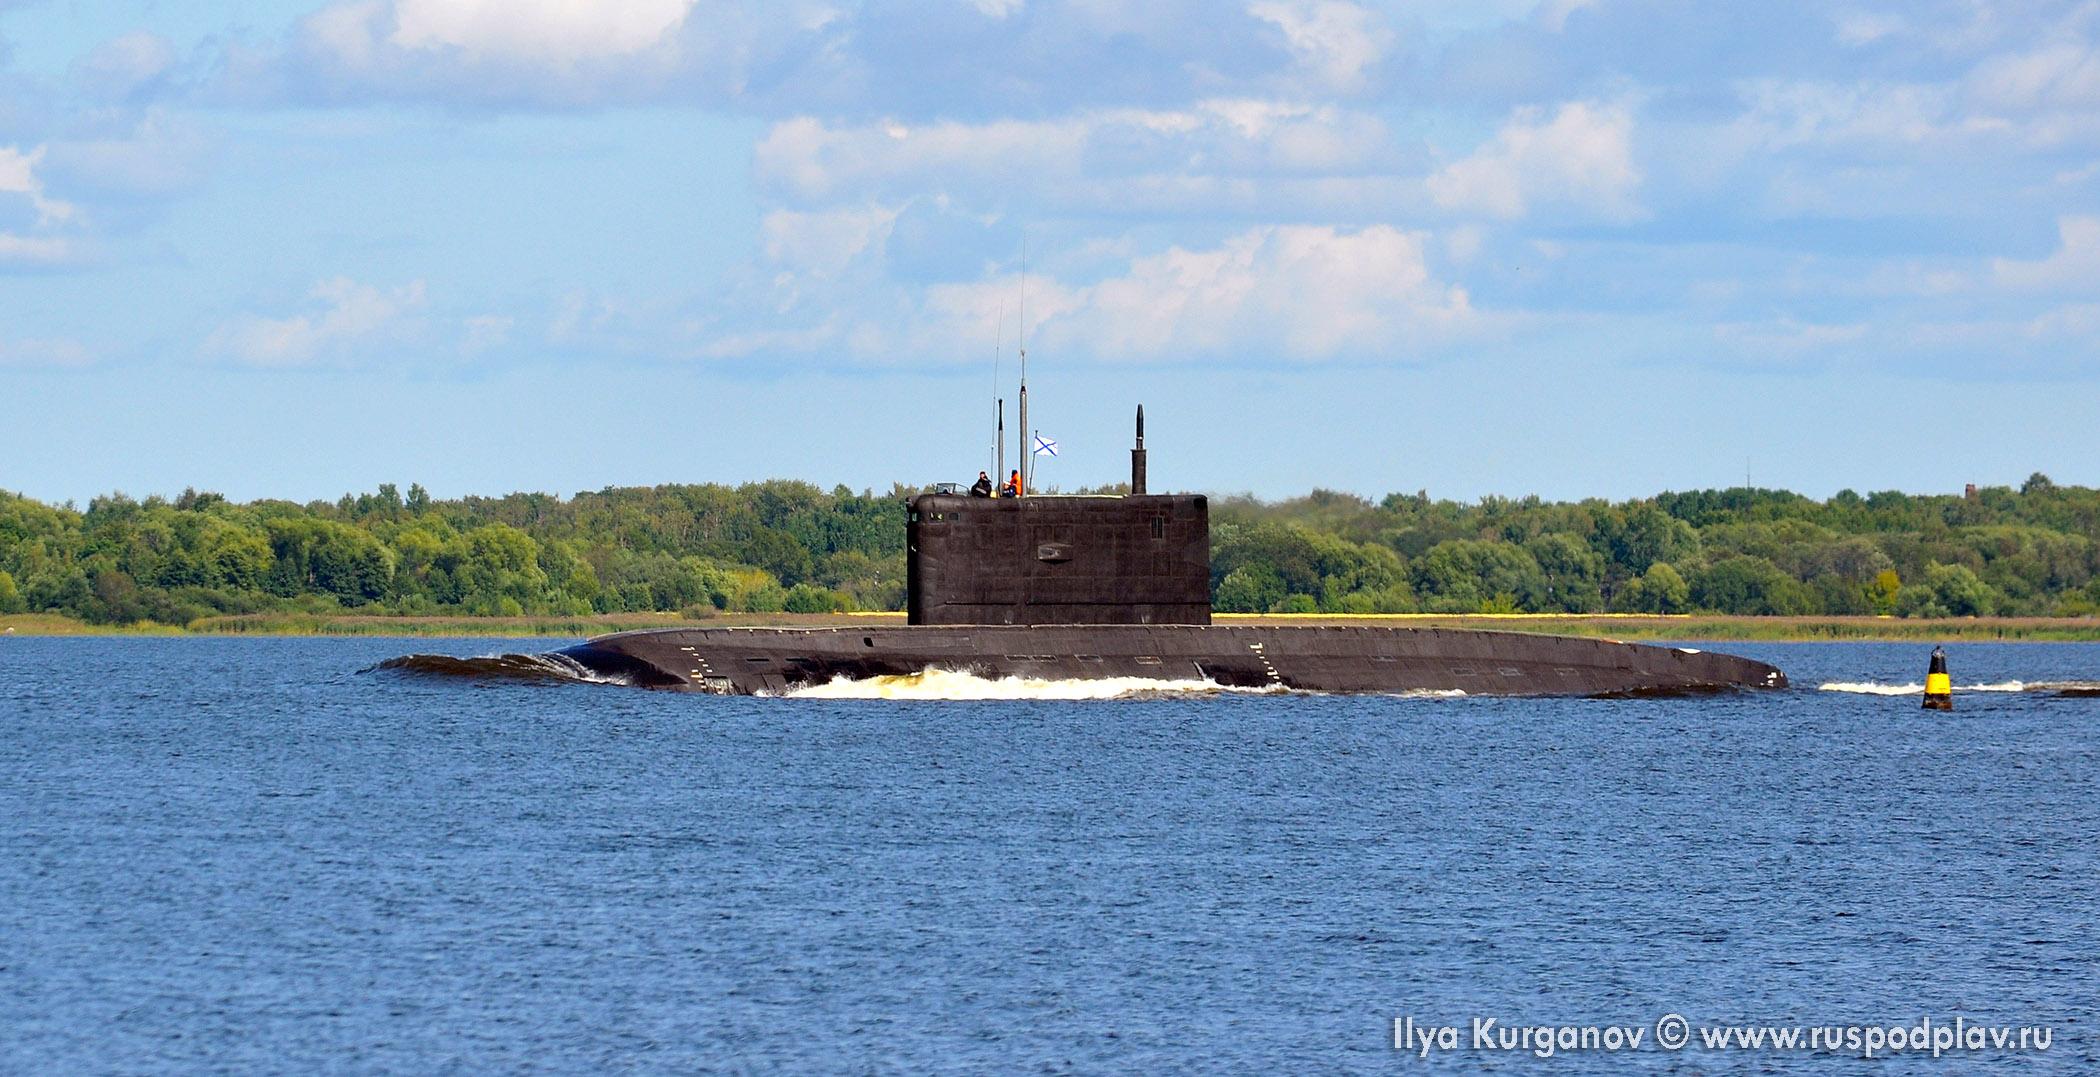 Подводная лодка «Петропавловск-Камчатский» в море